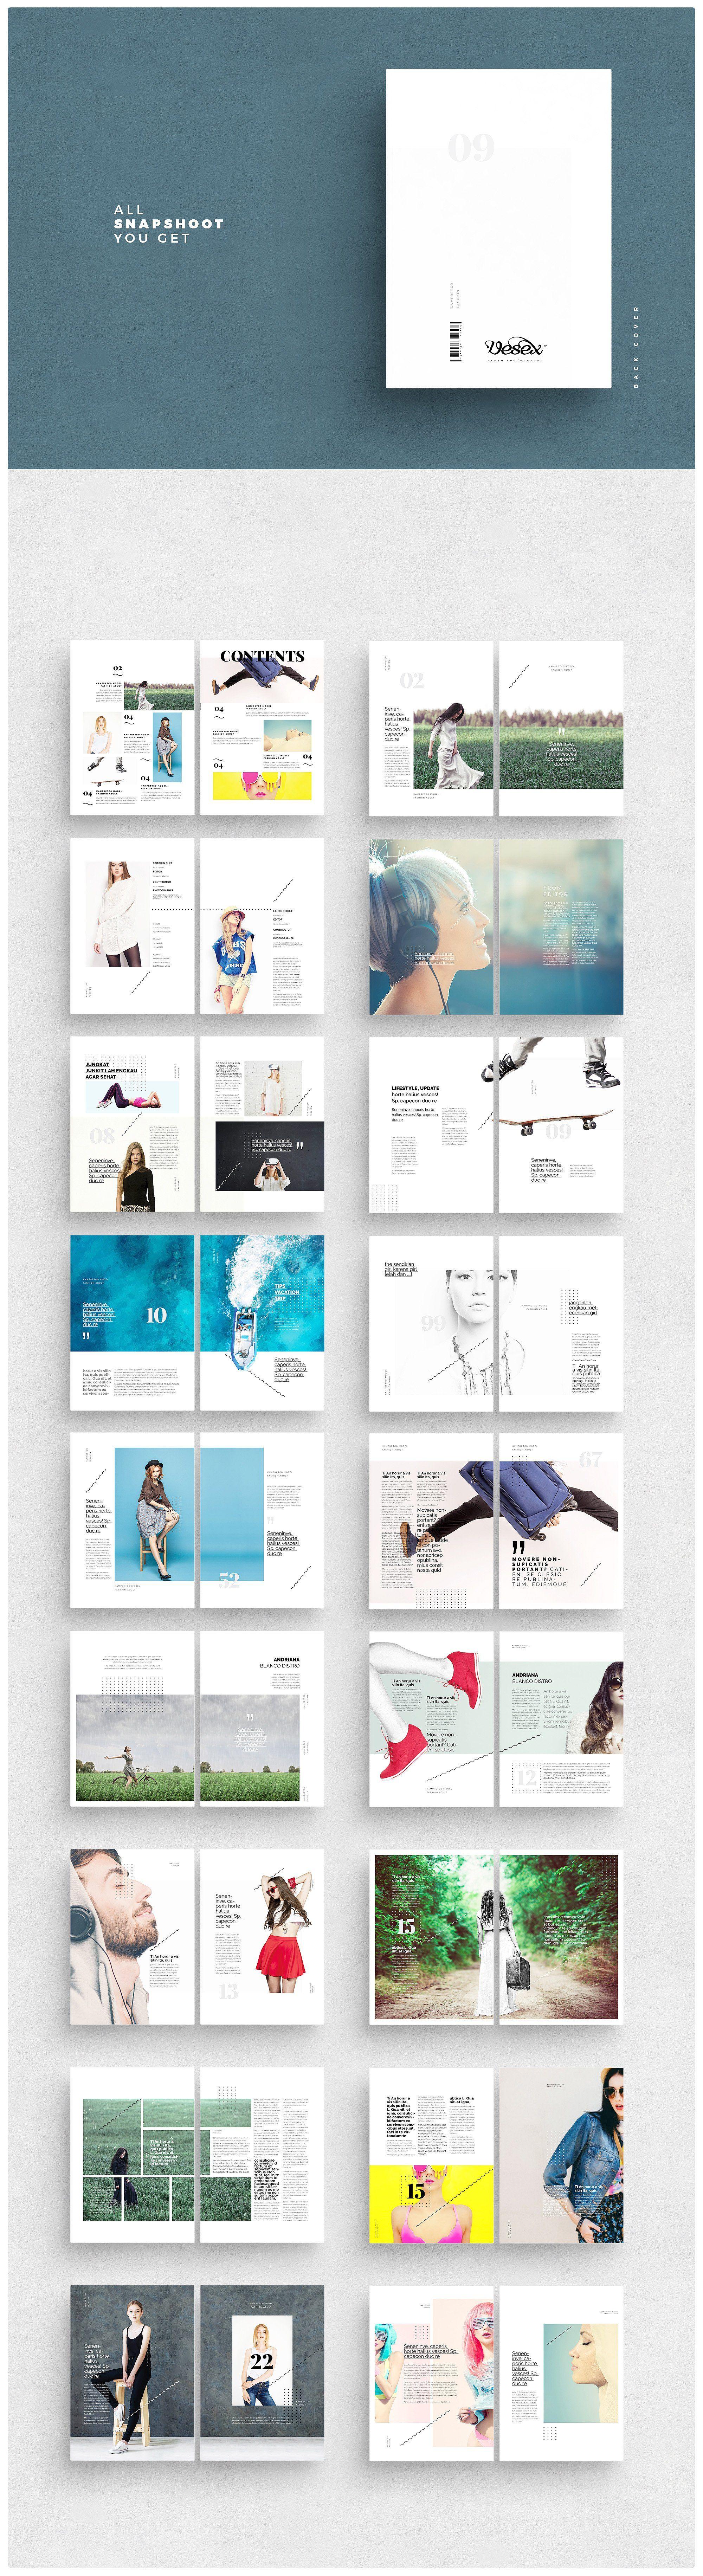 Pin de cuetaro en graphic | Pinterest